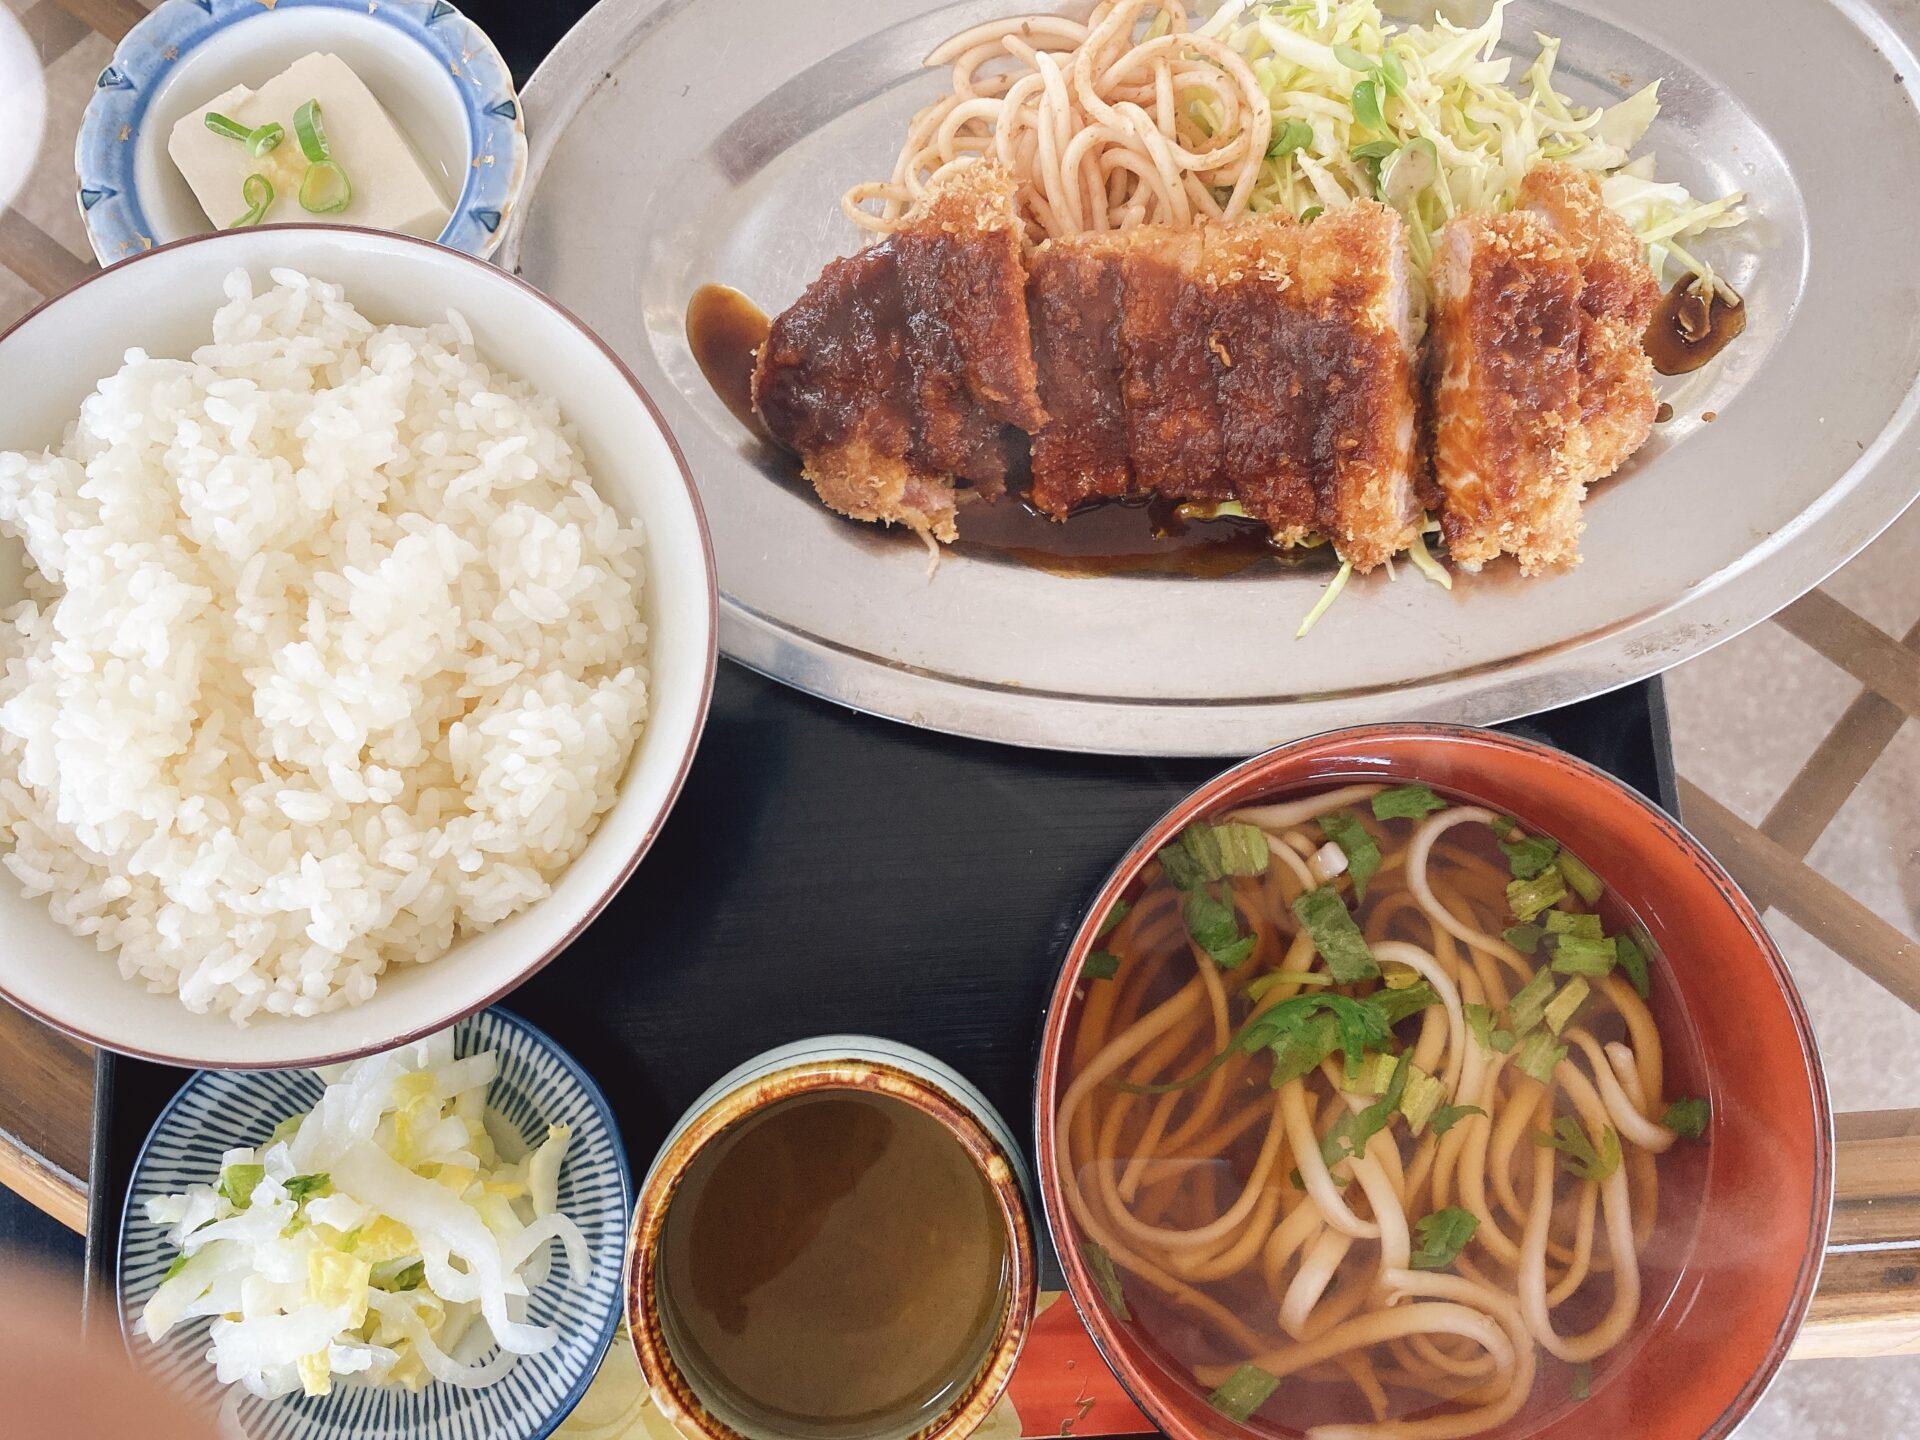 西大寺駅から車で7分【和風レストラン みやけ】はランチの穴場かも!コスパ・味・量にもナットクで、トンカツ定食が美味い!